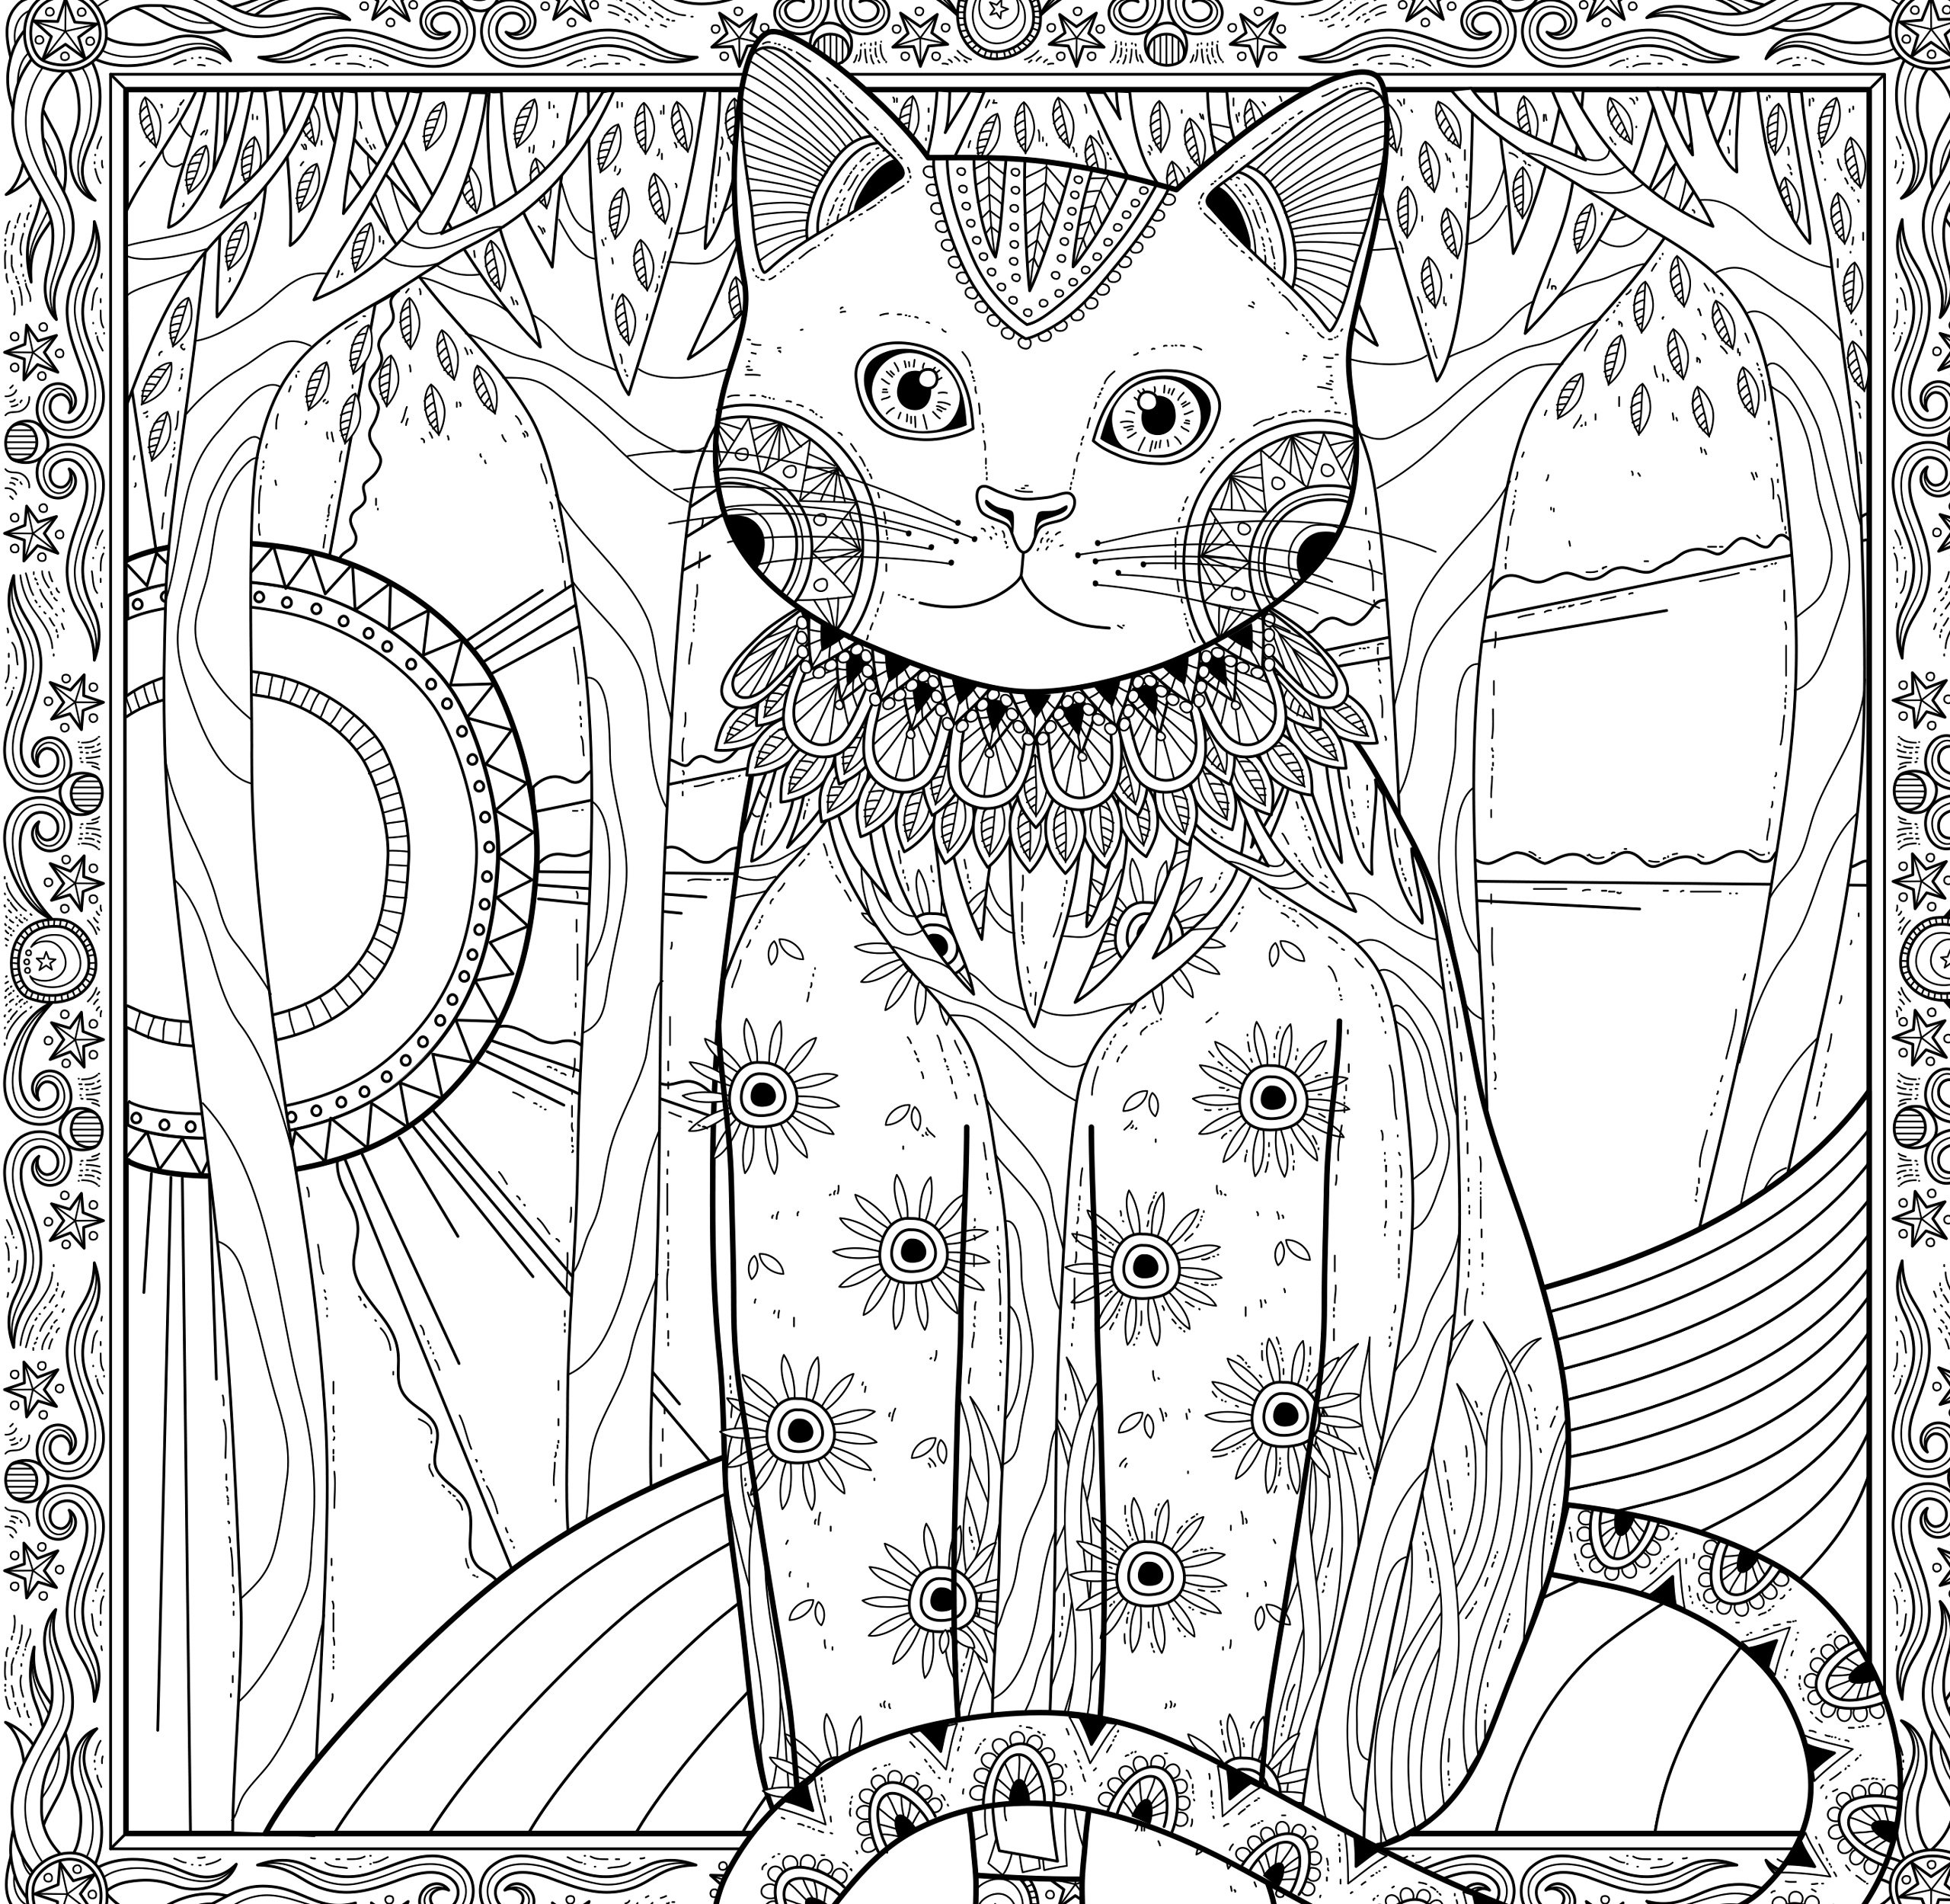 Картина «Кошка-Природа» - Животные - Раскраски антистресс